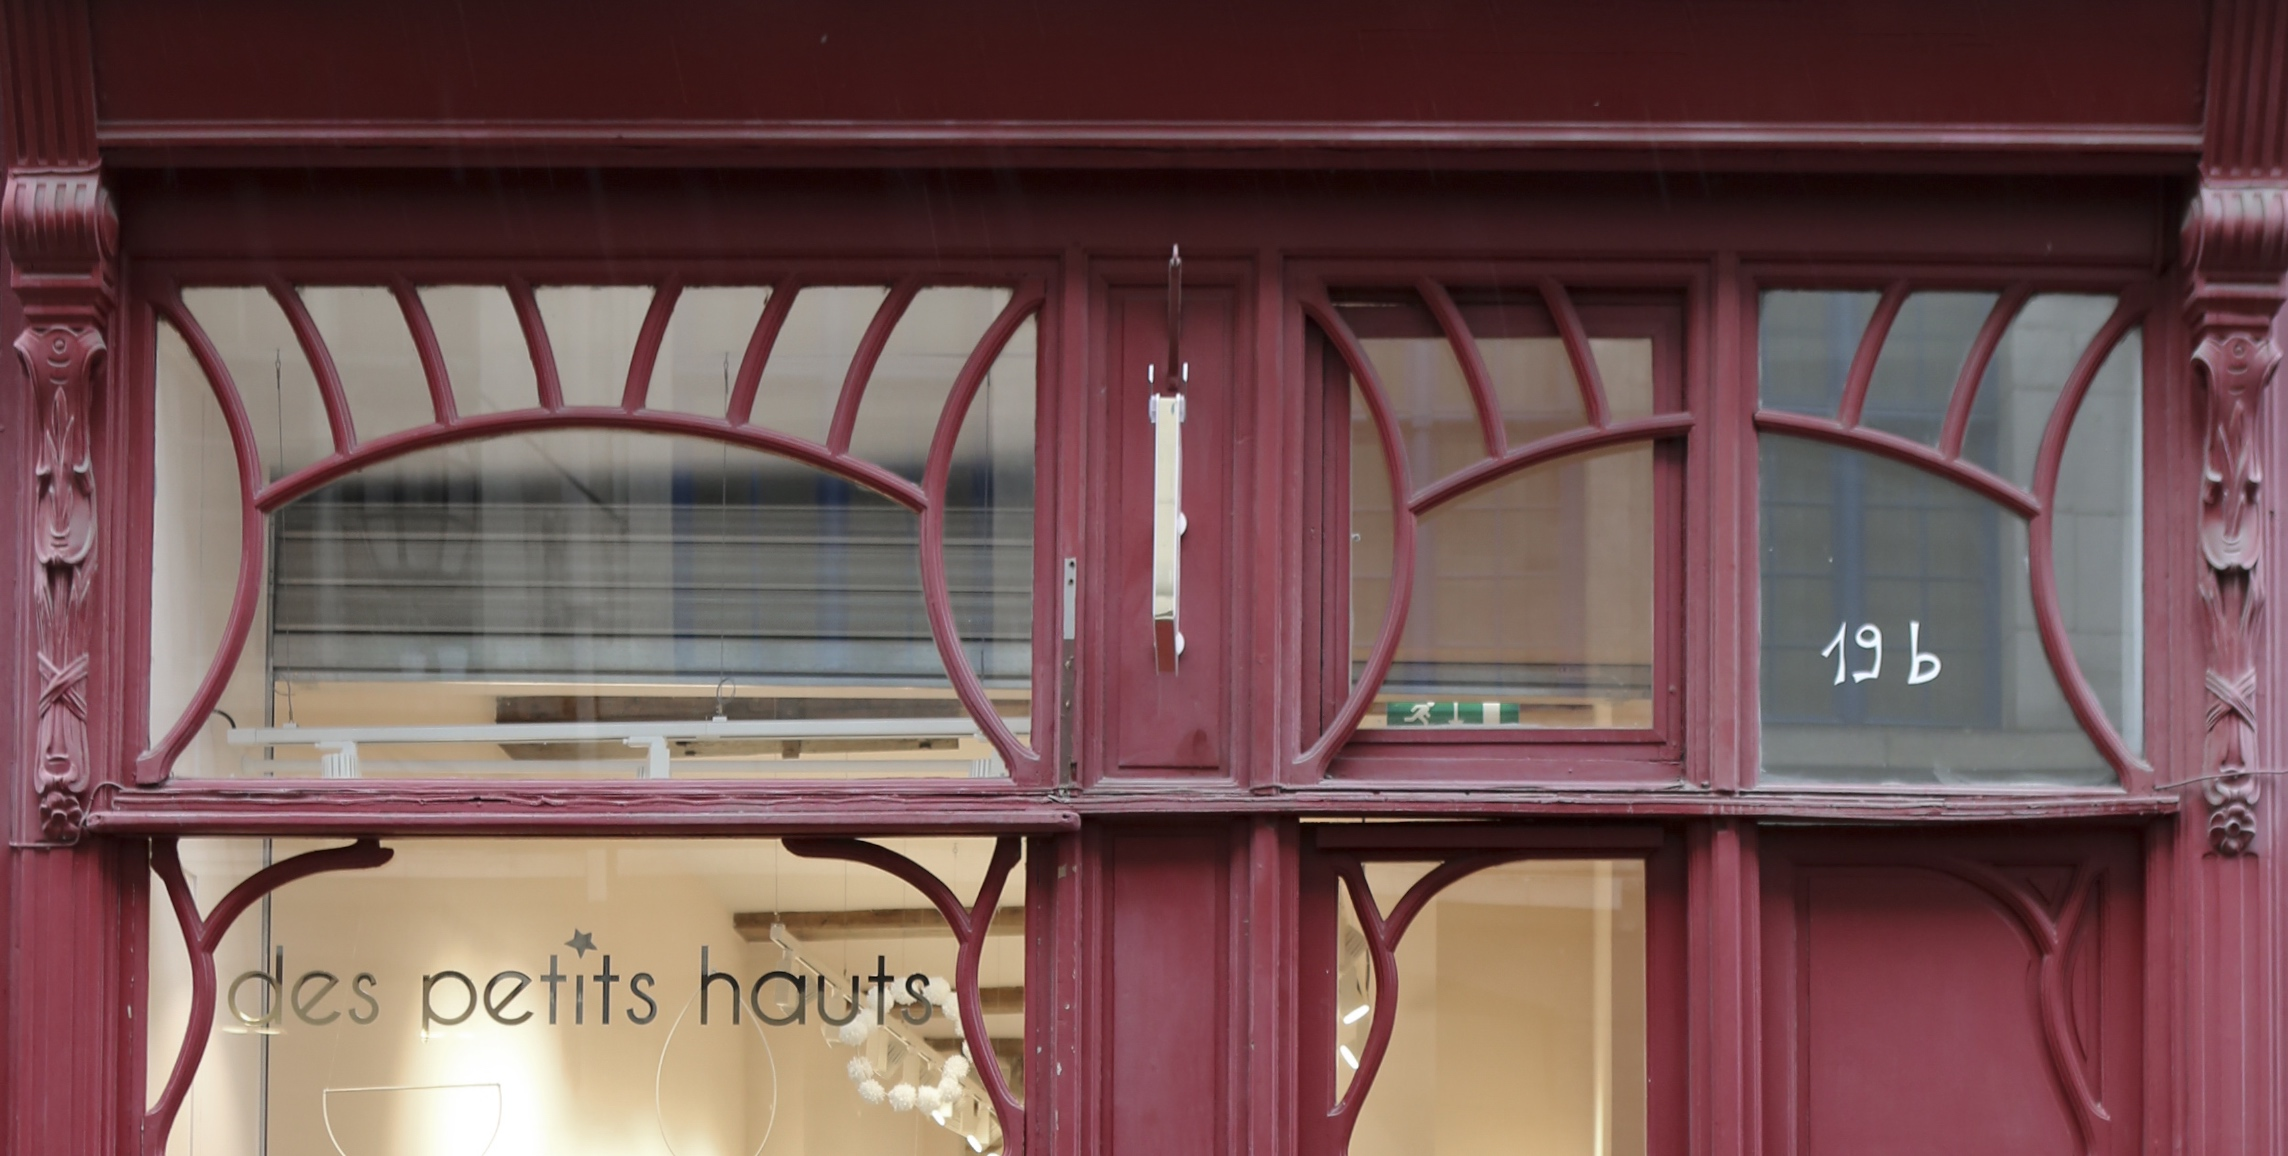 DPH Lille Rue de la Clef_02